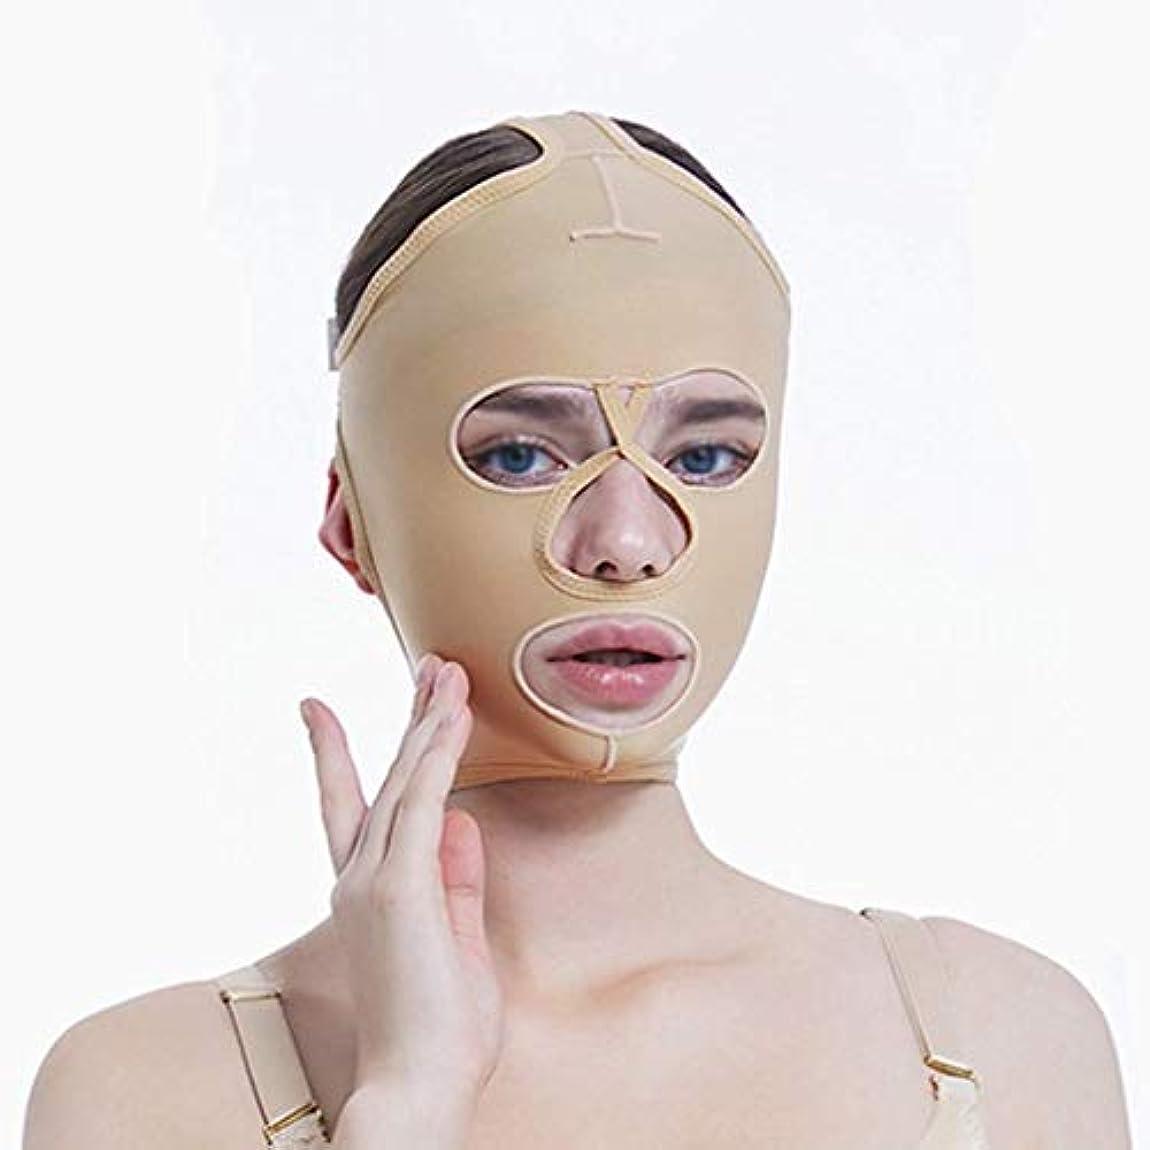 褒賞銛ドロップチンリフティングベルト、超薄型ベルト、引き締めマスク、包帯吊り、フェイスリフティングマスク、超薄型ベルト、通気性(サイズ:L),ザ?